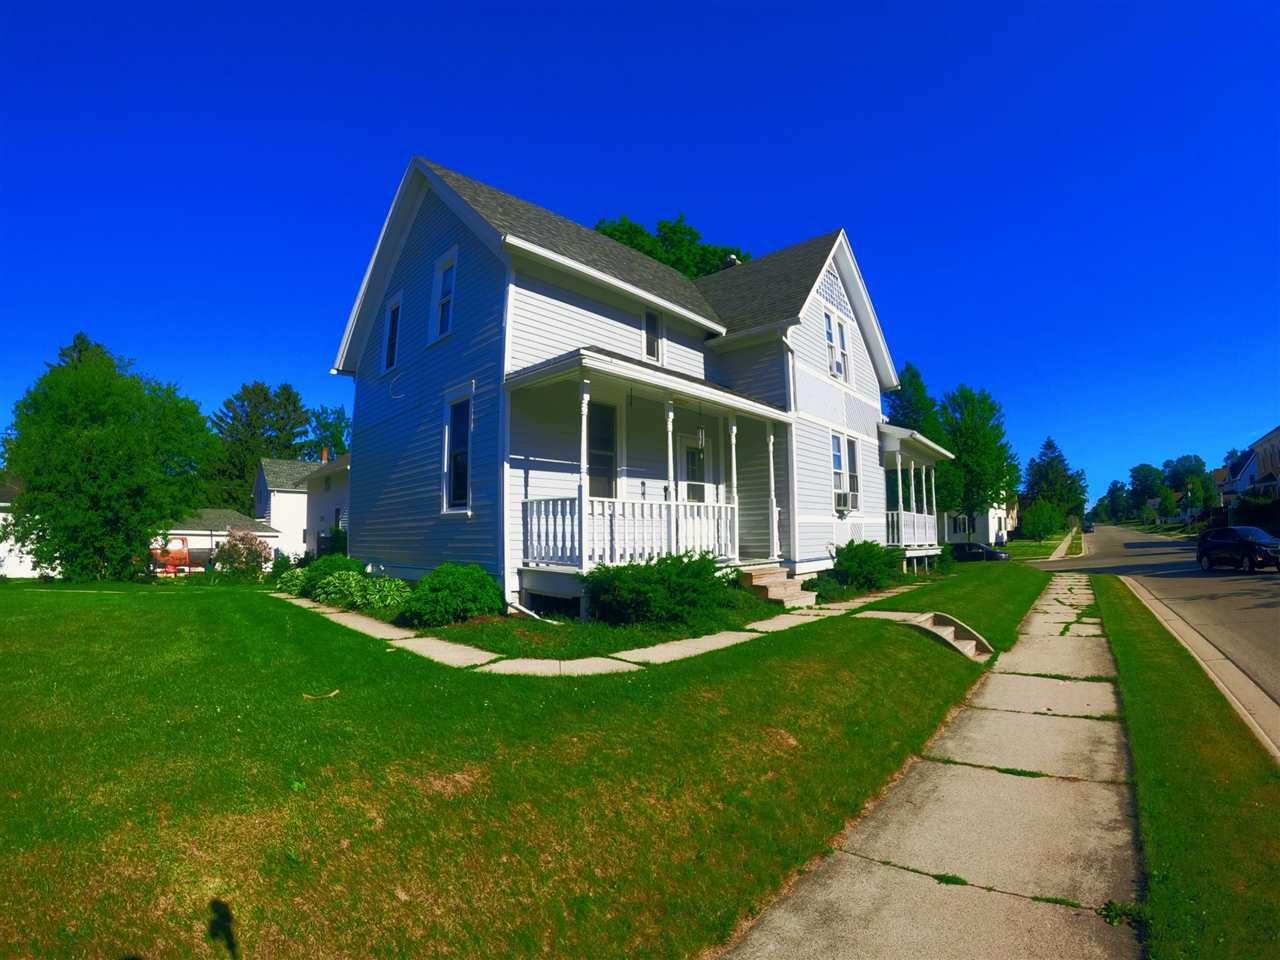 823 ELLIS Street, Kewaunee, WI 54216 - MLS#: 50242150